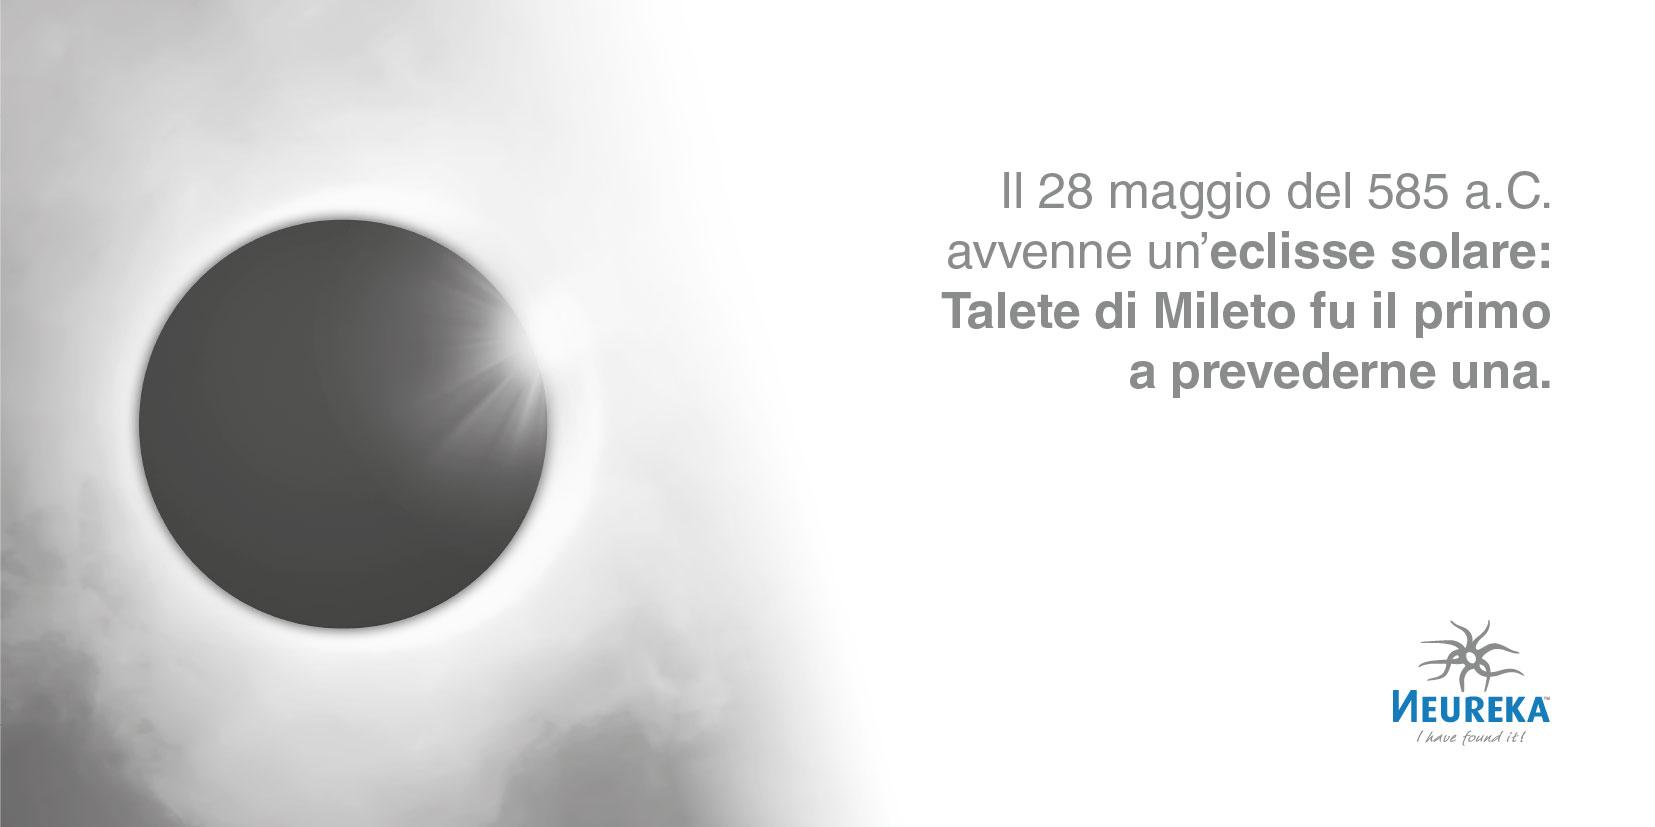 Una eclisse, il 28 maggio 585 a.C. fu la prima di cui è nota la previsione